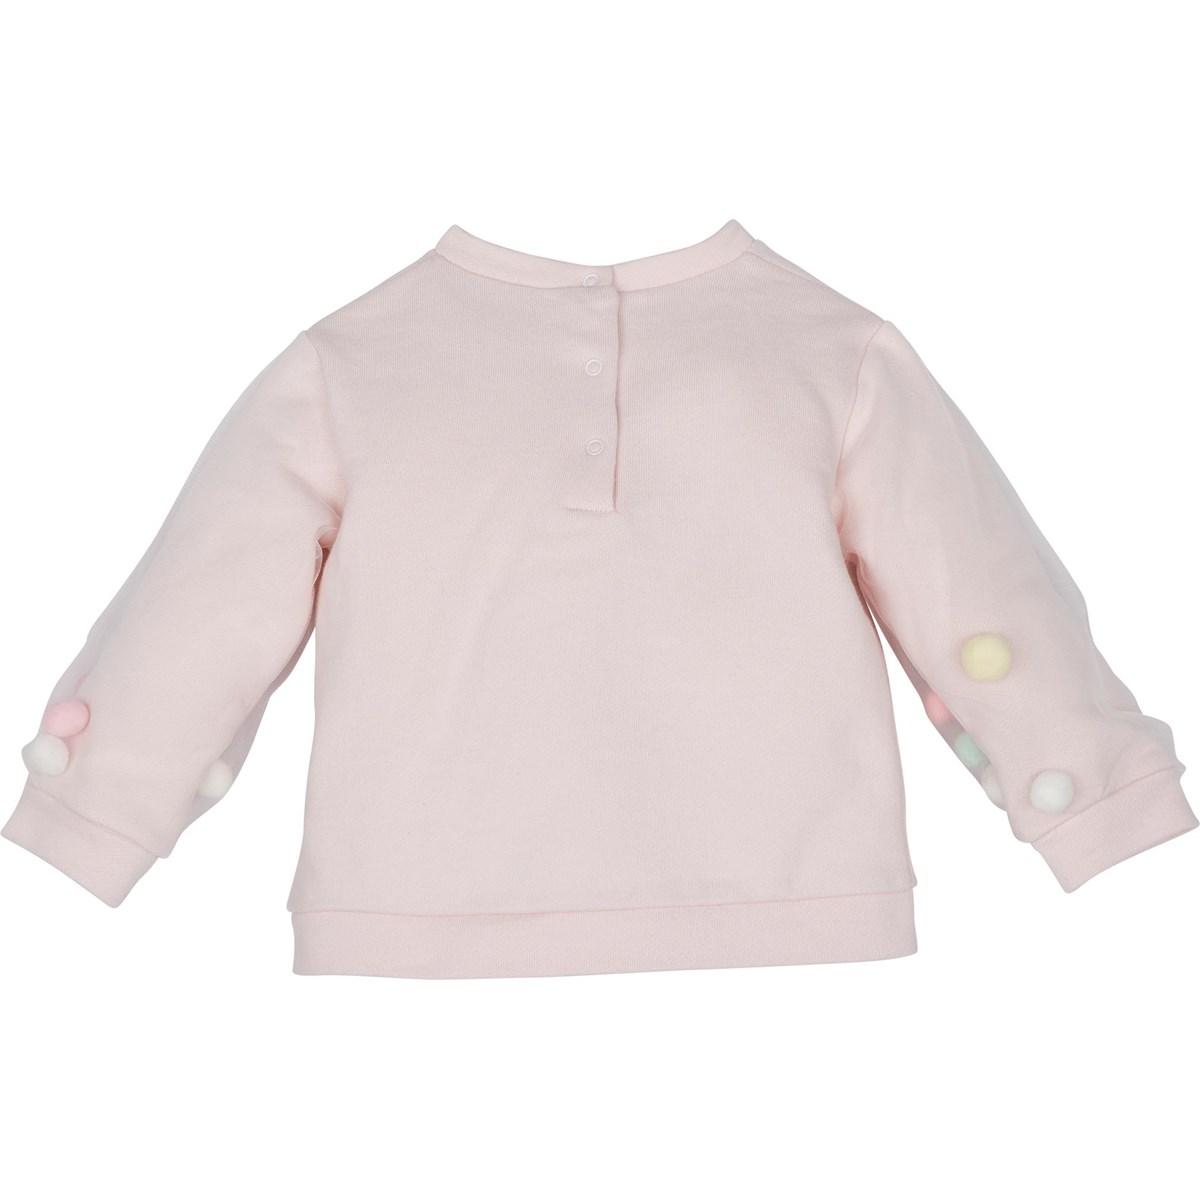 12313 Sweatshirt 2